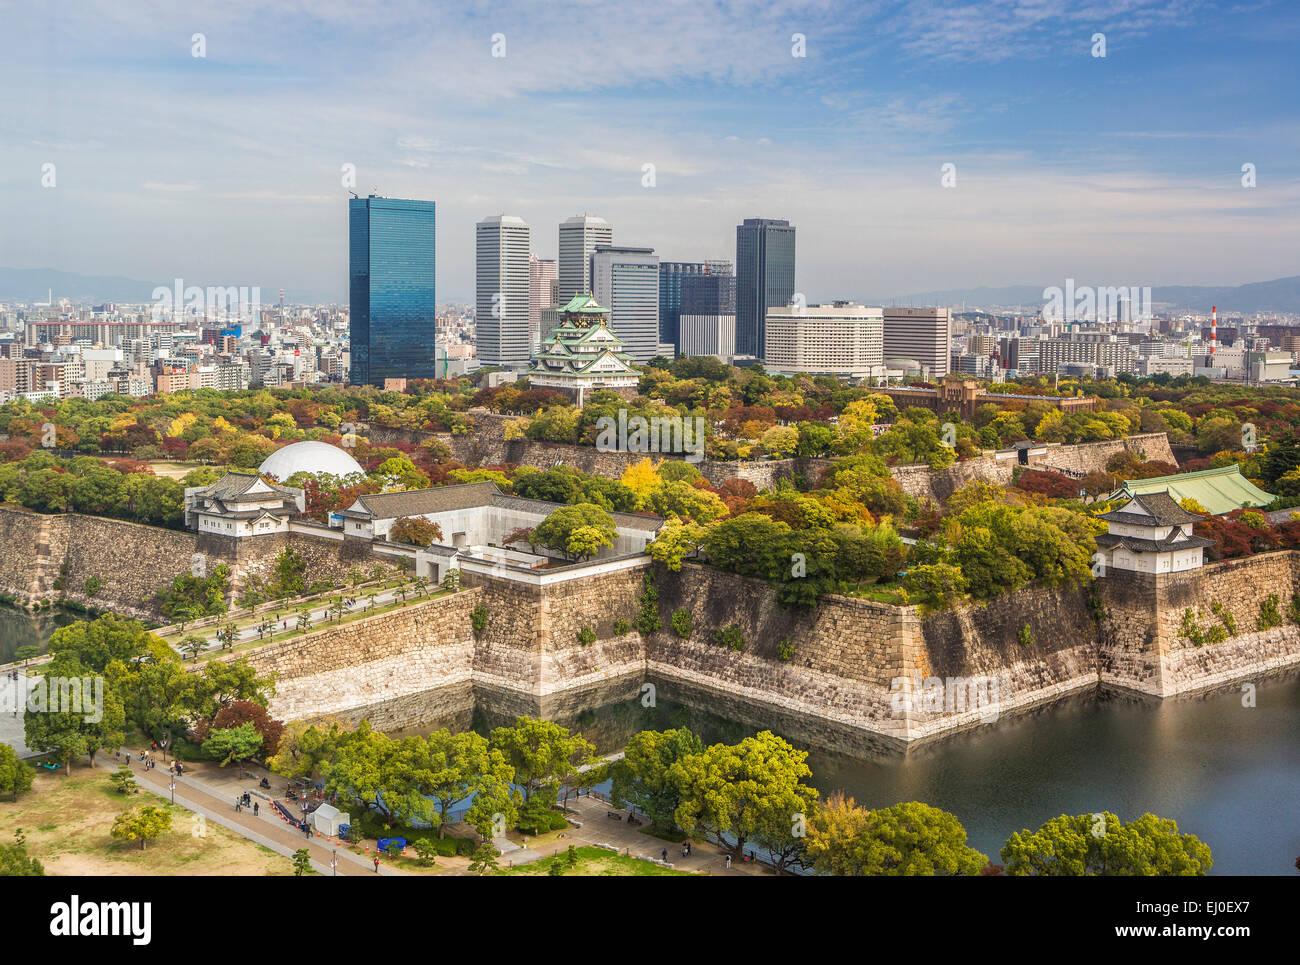 Japón, Asia, Kansai, paisaje, arquitectura, el Castillo de Osaka, colorido, caída, fortaleza, historia, Imagen De Stock